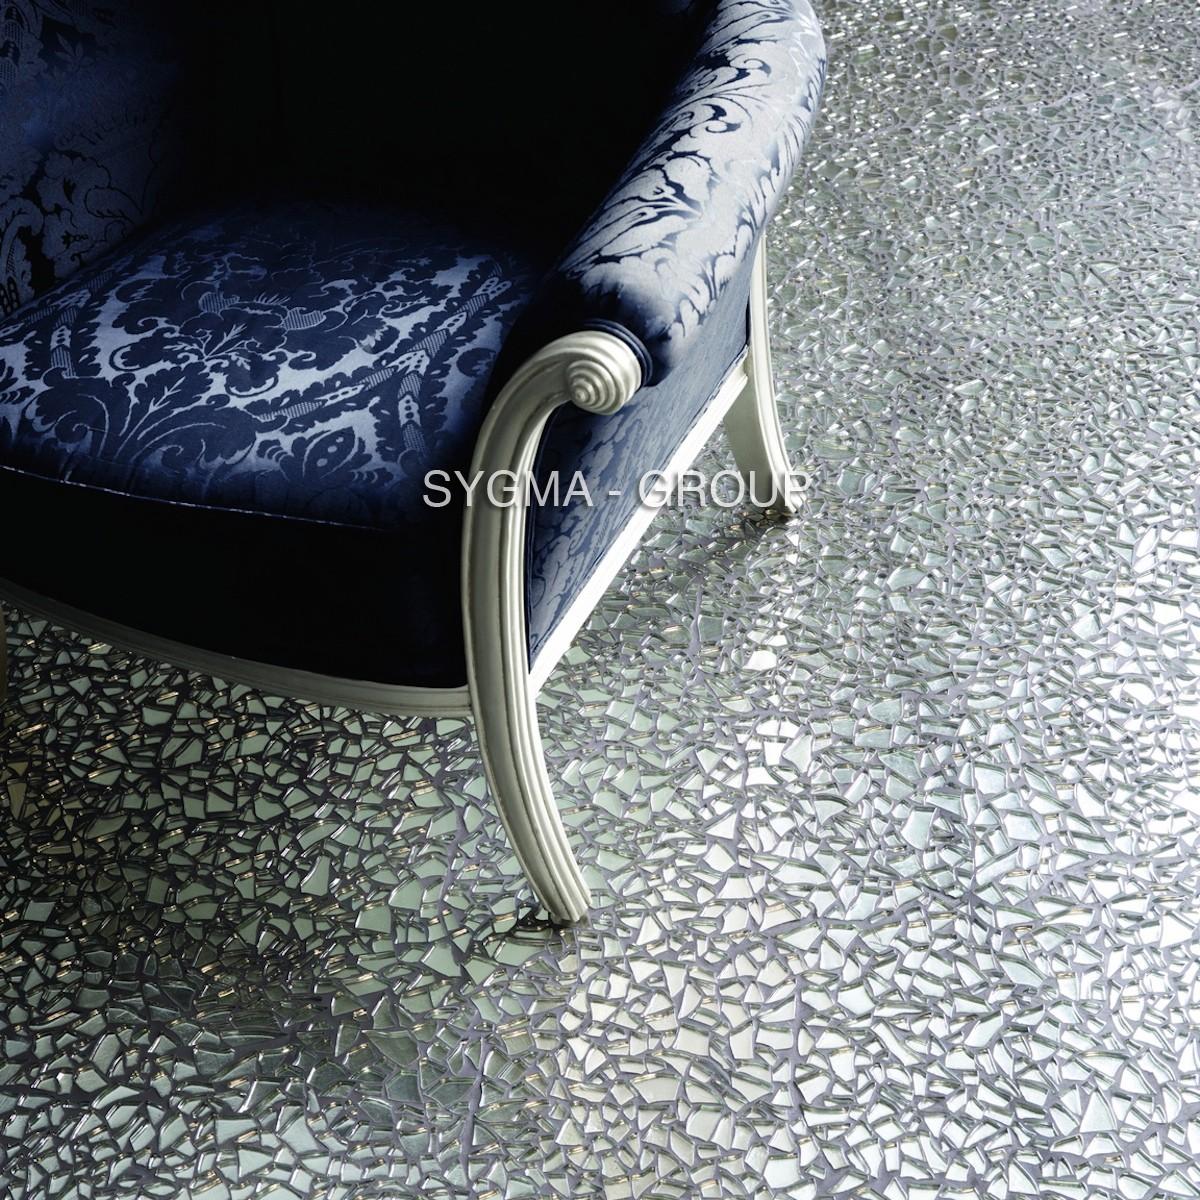 mosaique galet pour mur et sol en verre mv-osm-chr - Sygma Group